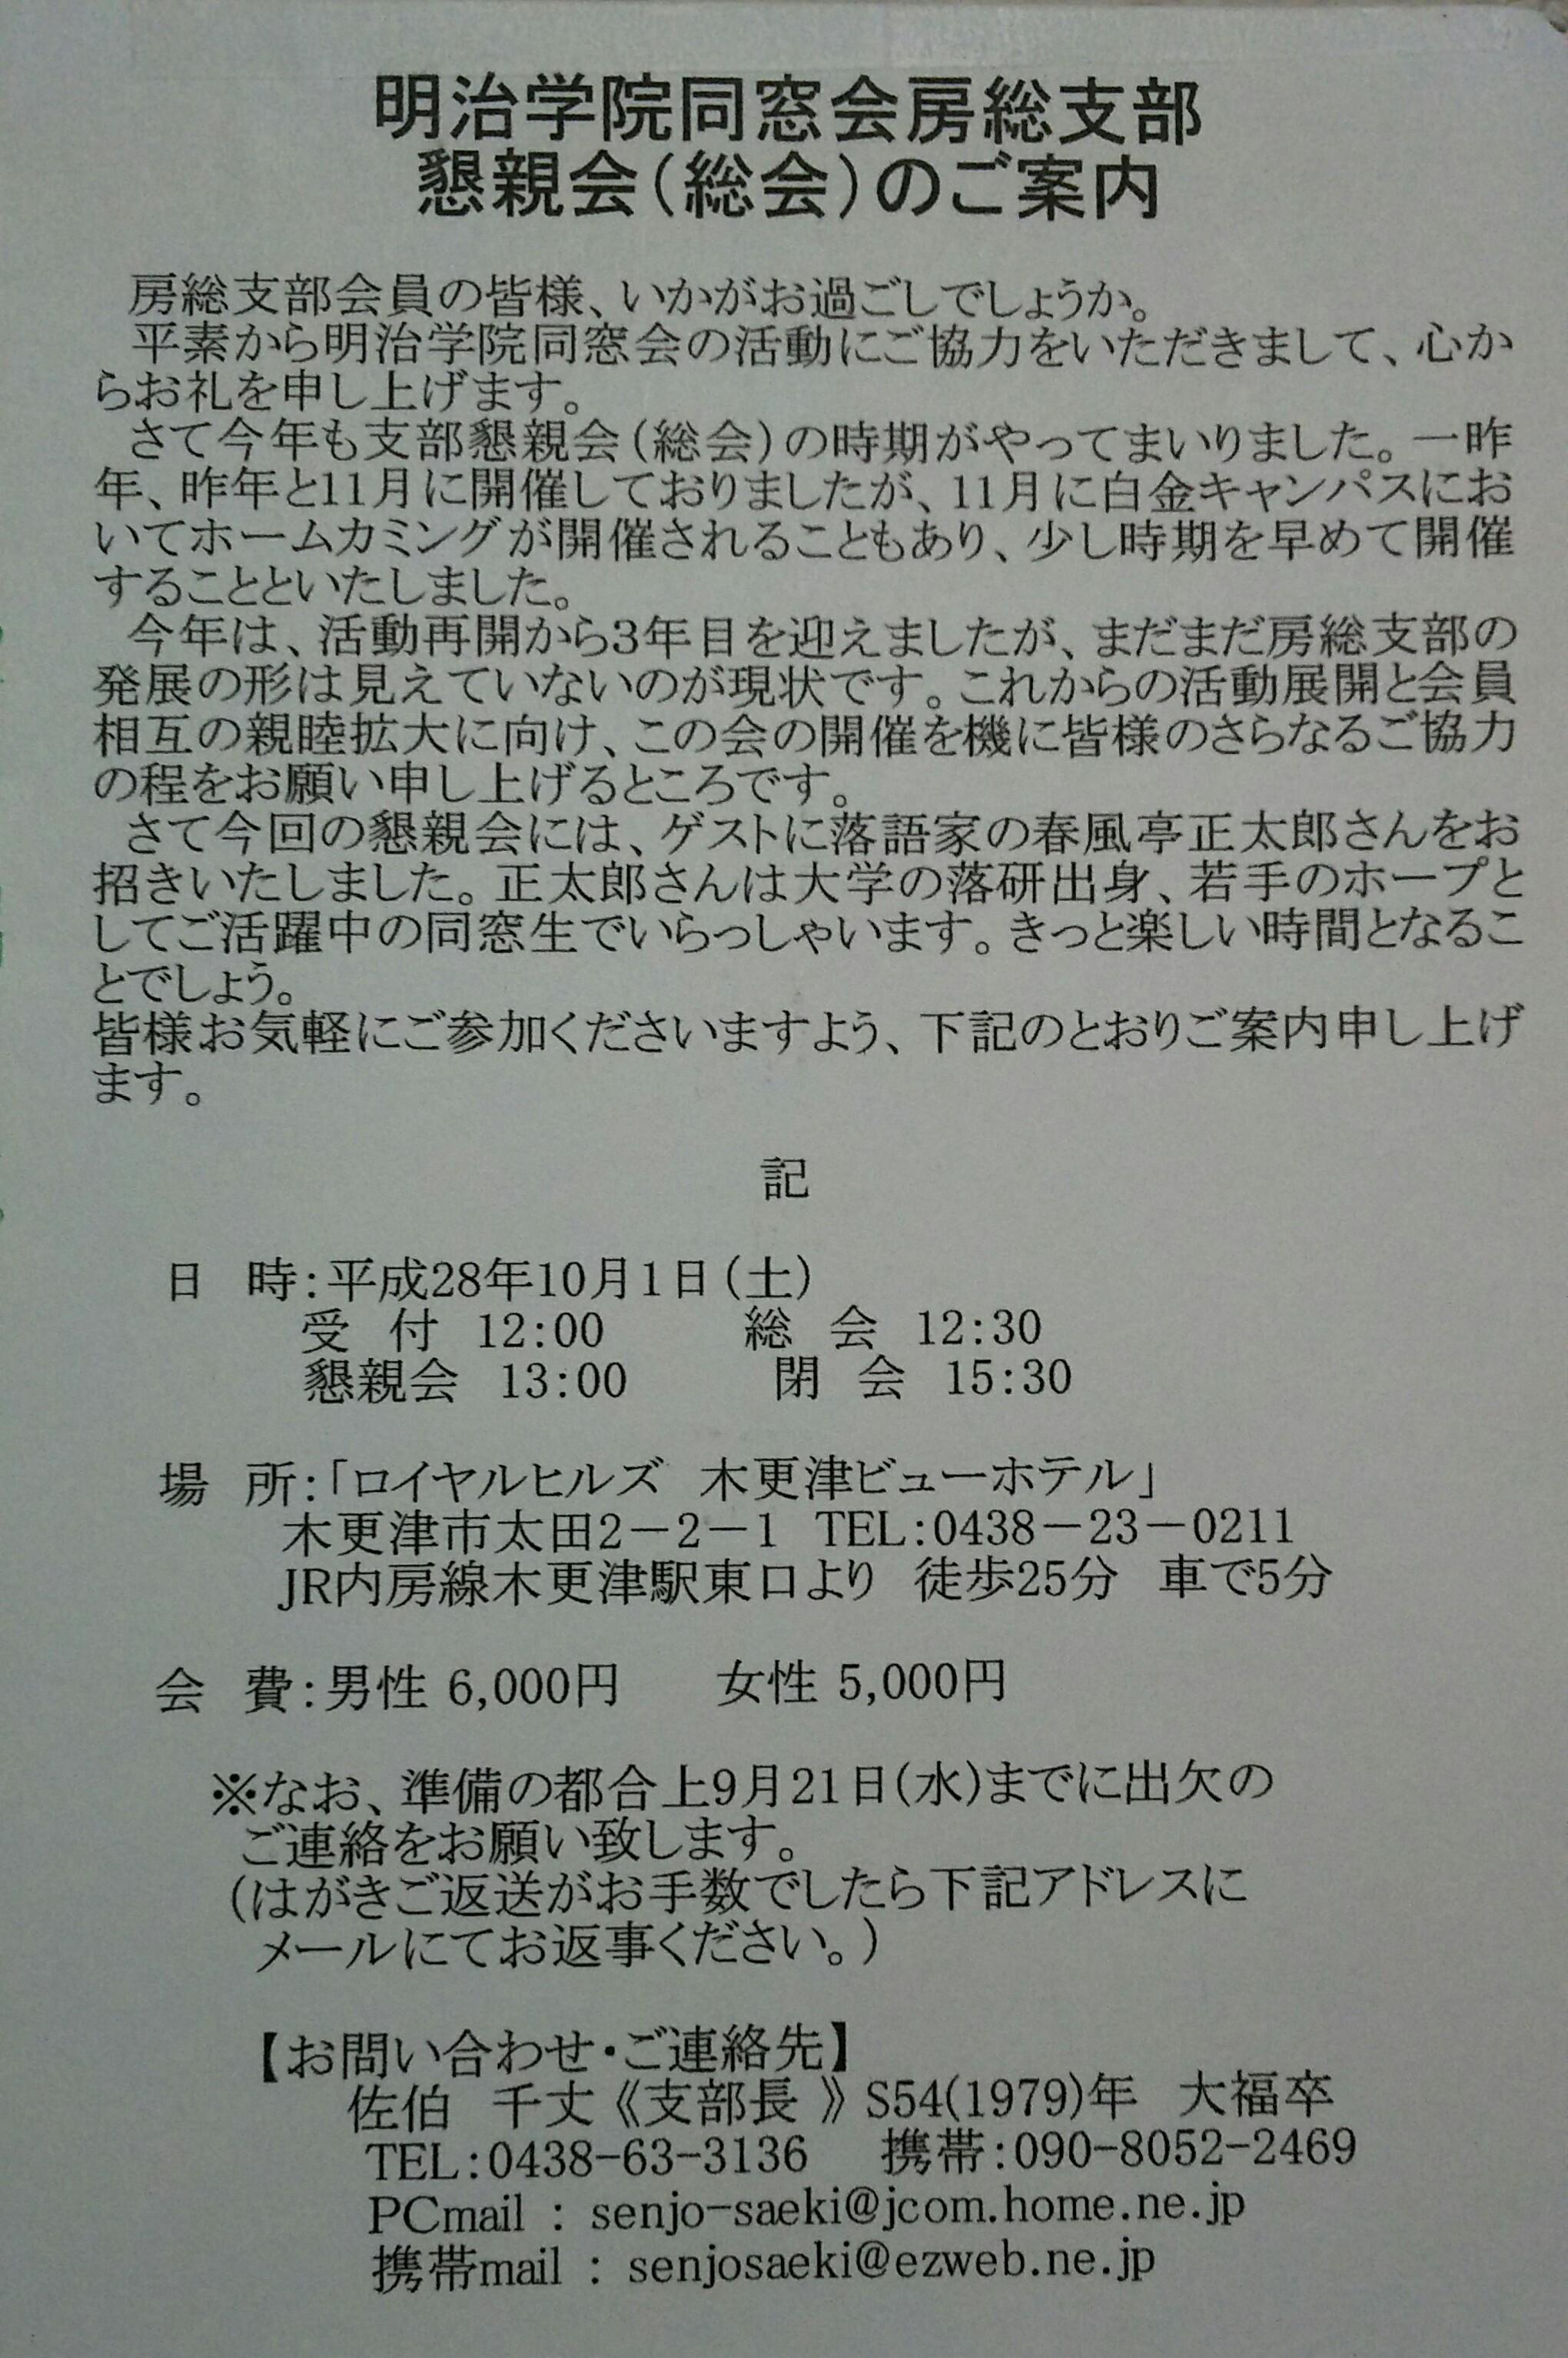 DSC_0002